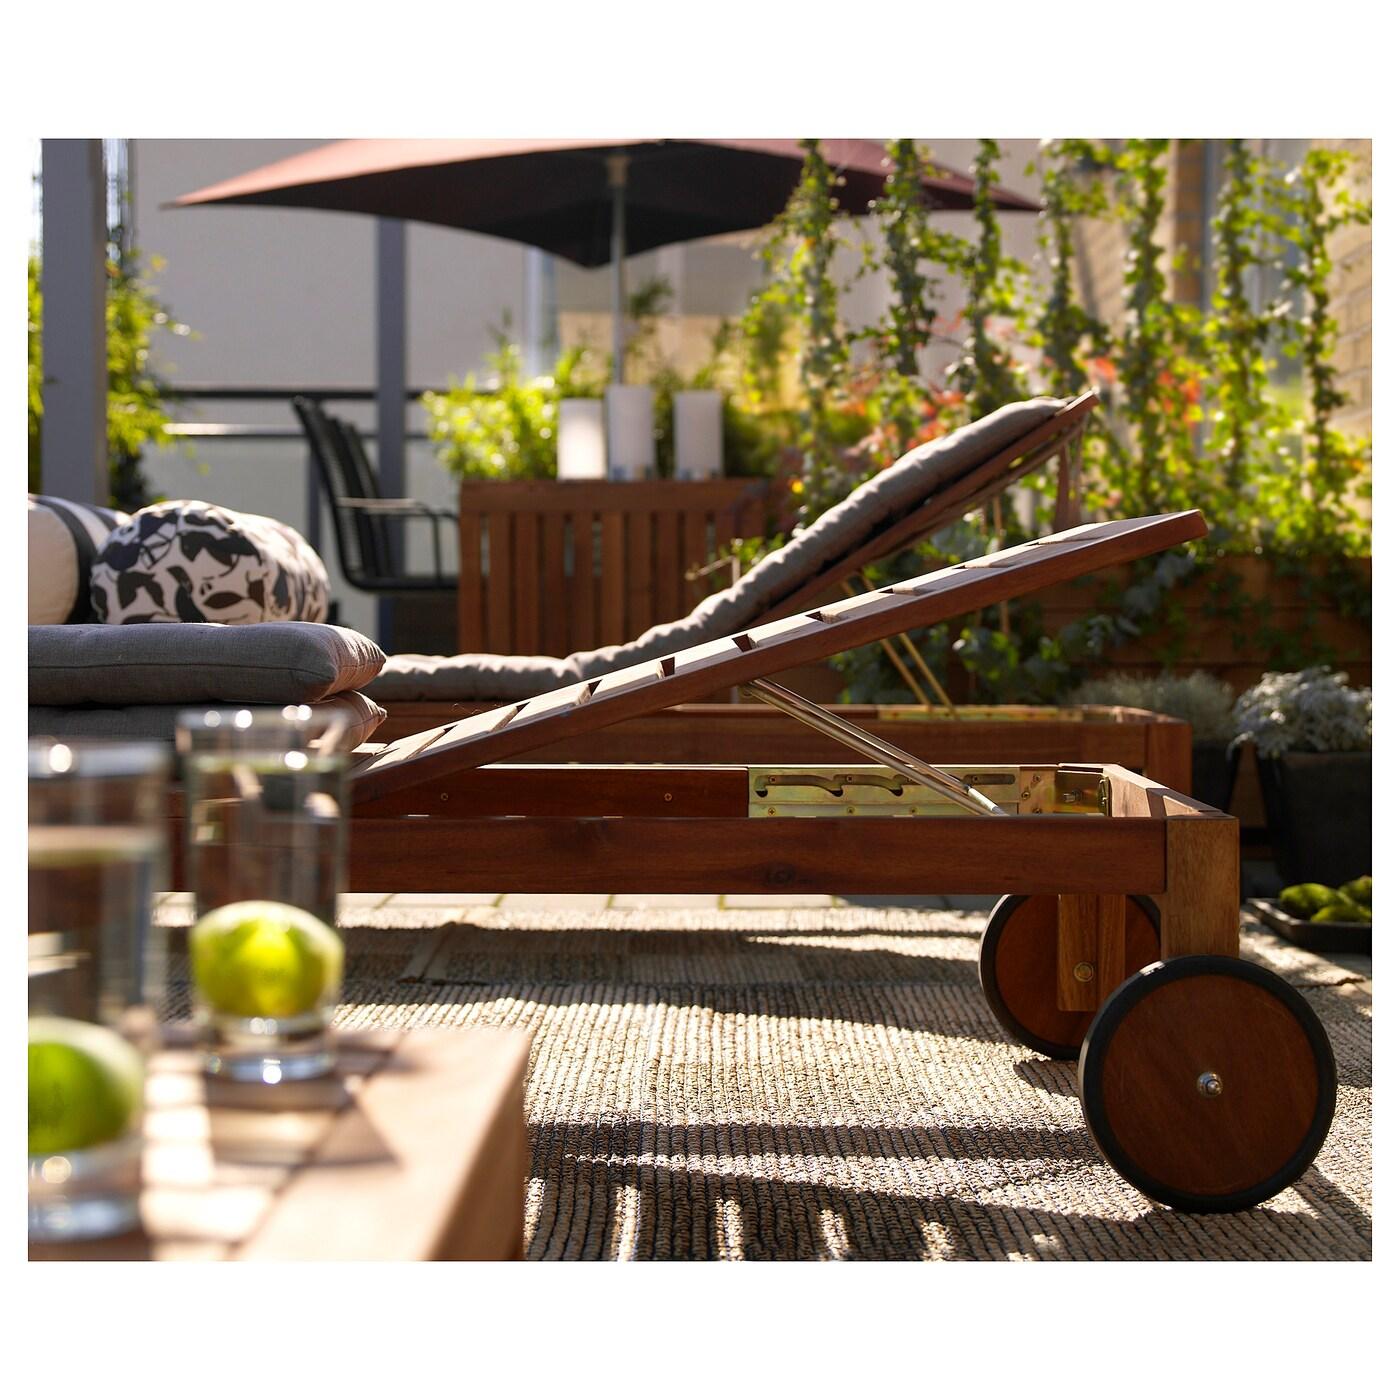 Full Size of Liegestuhl Klappbar Ikea Holz Pplar Sonnenliege Braun Las Deutschland Betten 160x200 Miniküche Bett Ausklappbar Garten Bei Modulküche Ausklappbares Sofa Mit Wohnzimmer Liegestuhl Klappbar Ikea